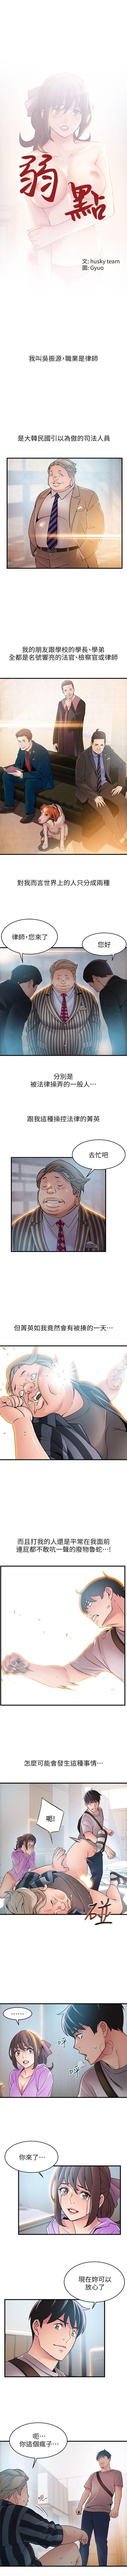 弱点 1-64 中文翻译(更新中) 215